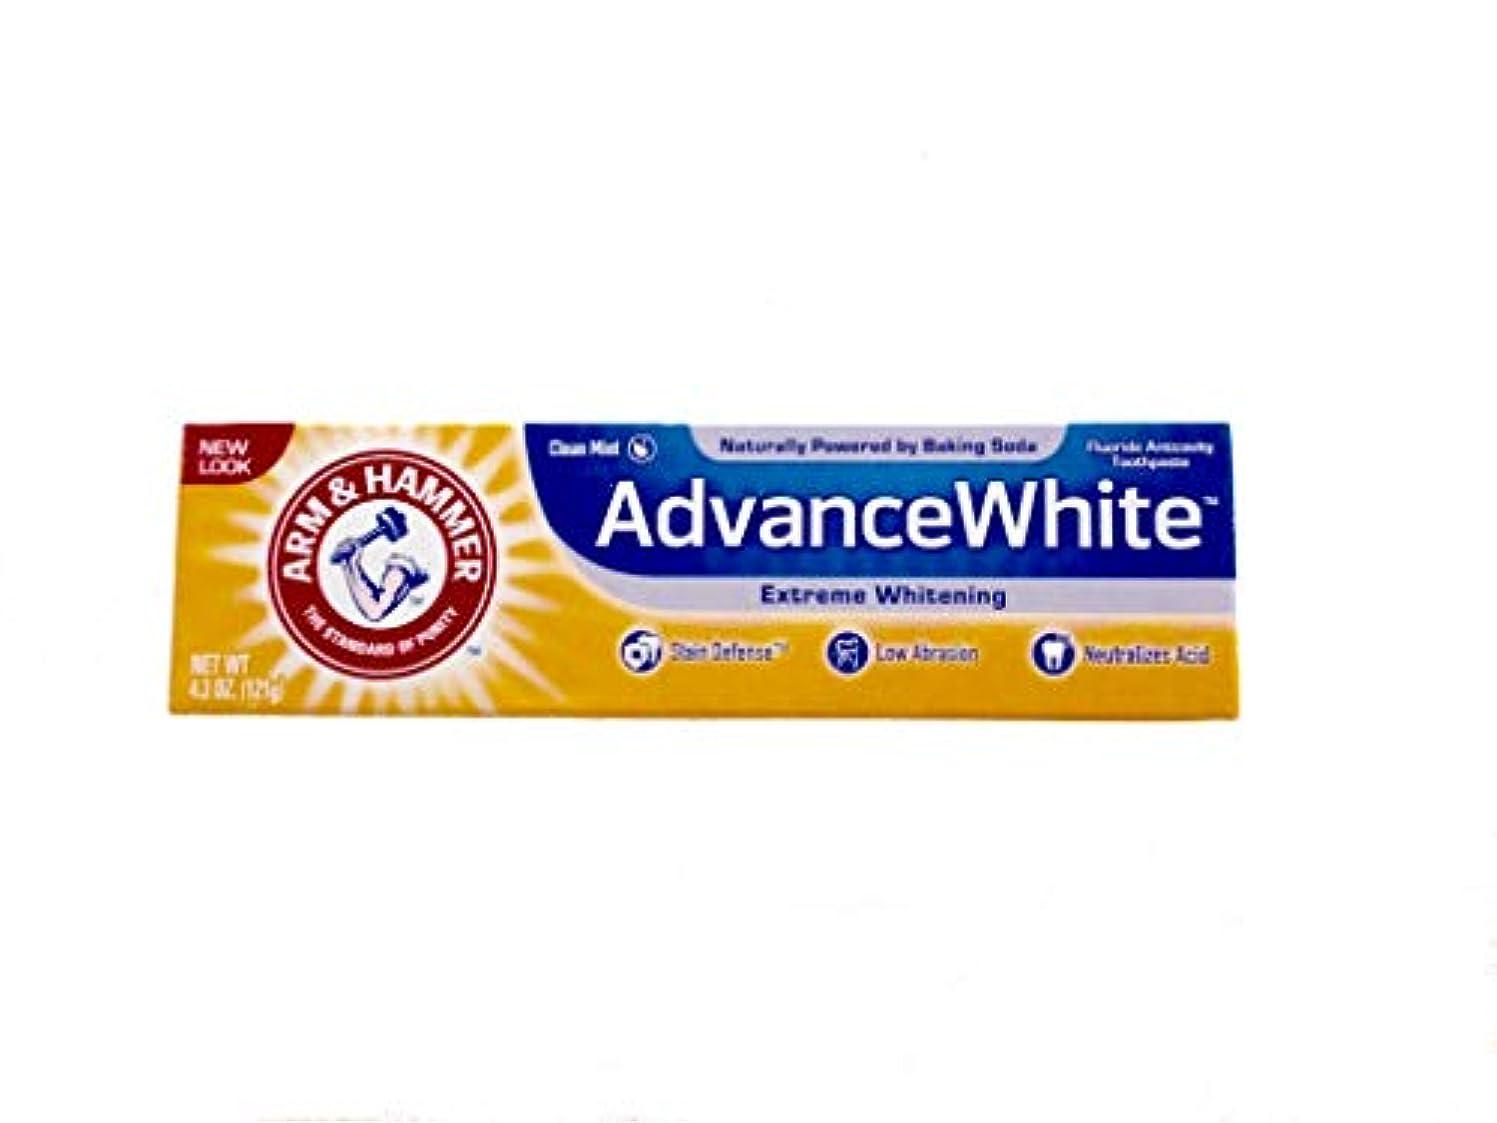 セグメント赤外線くびれたArm & Hammer Advance White Fluoride Anti-Cavity Toothpaste with Baking Soda & Peroxide - 4.3 oz by Arm & Hammer...